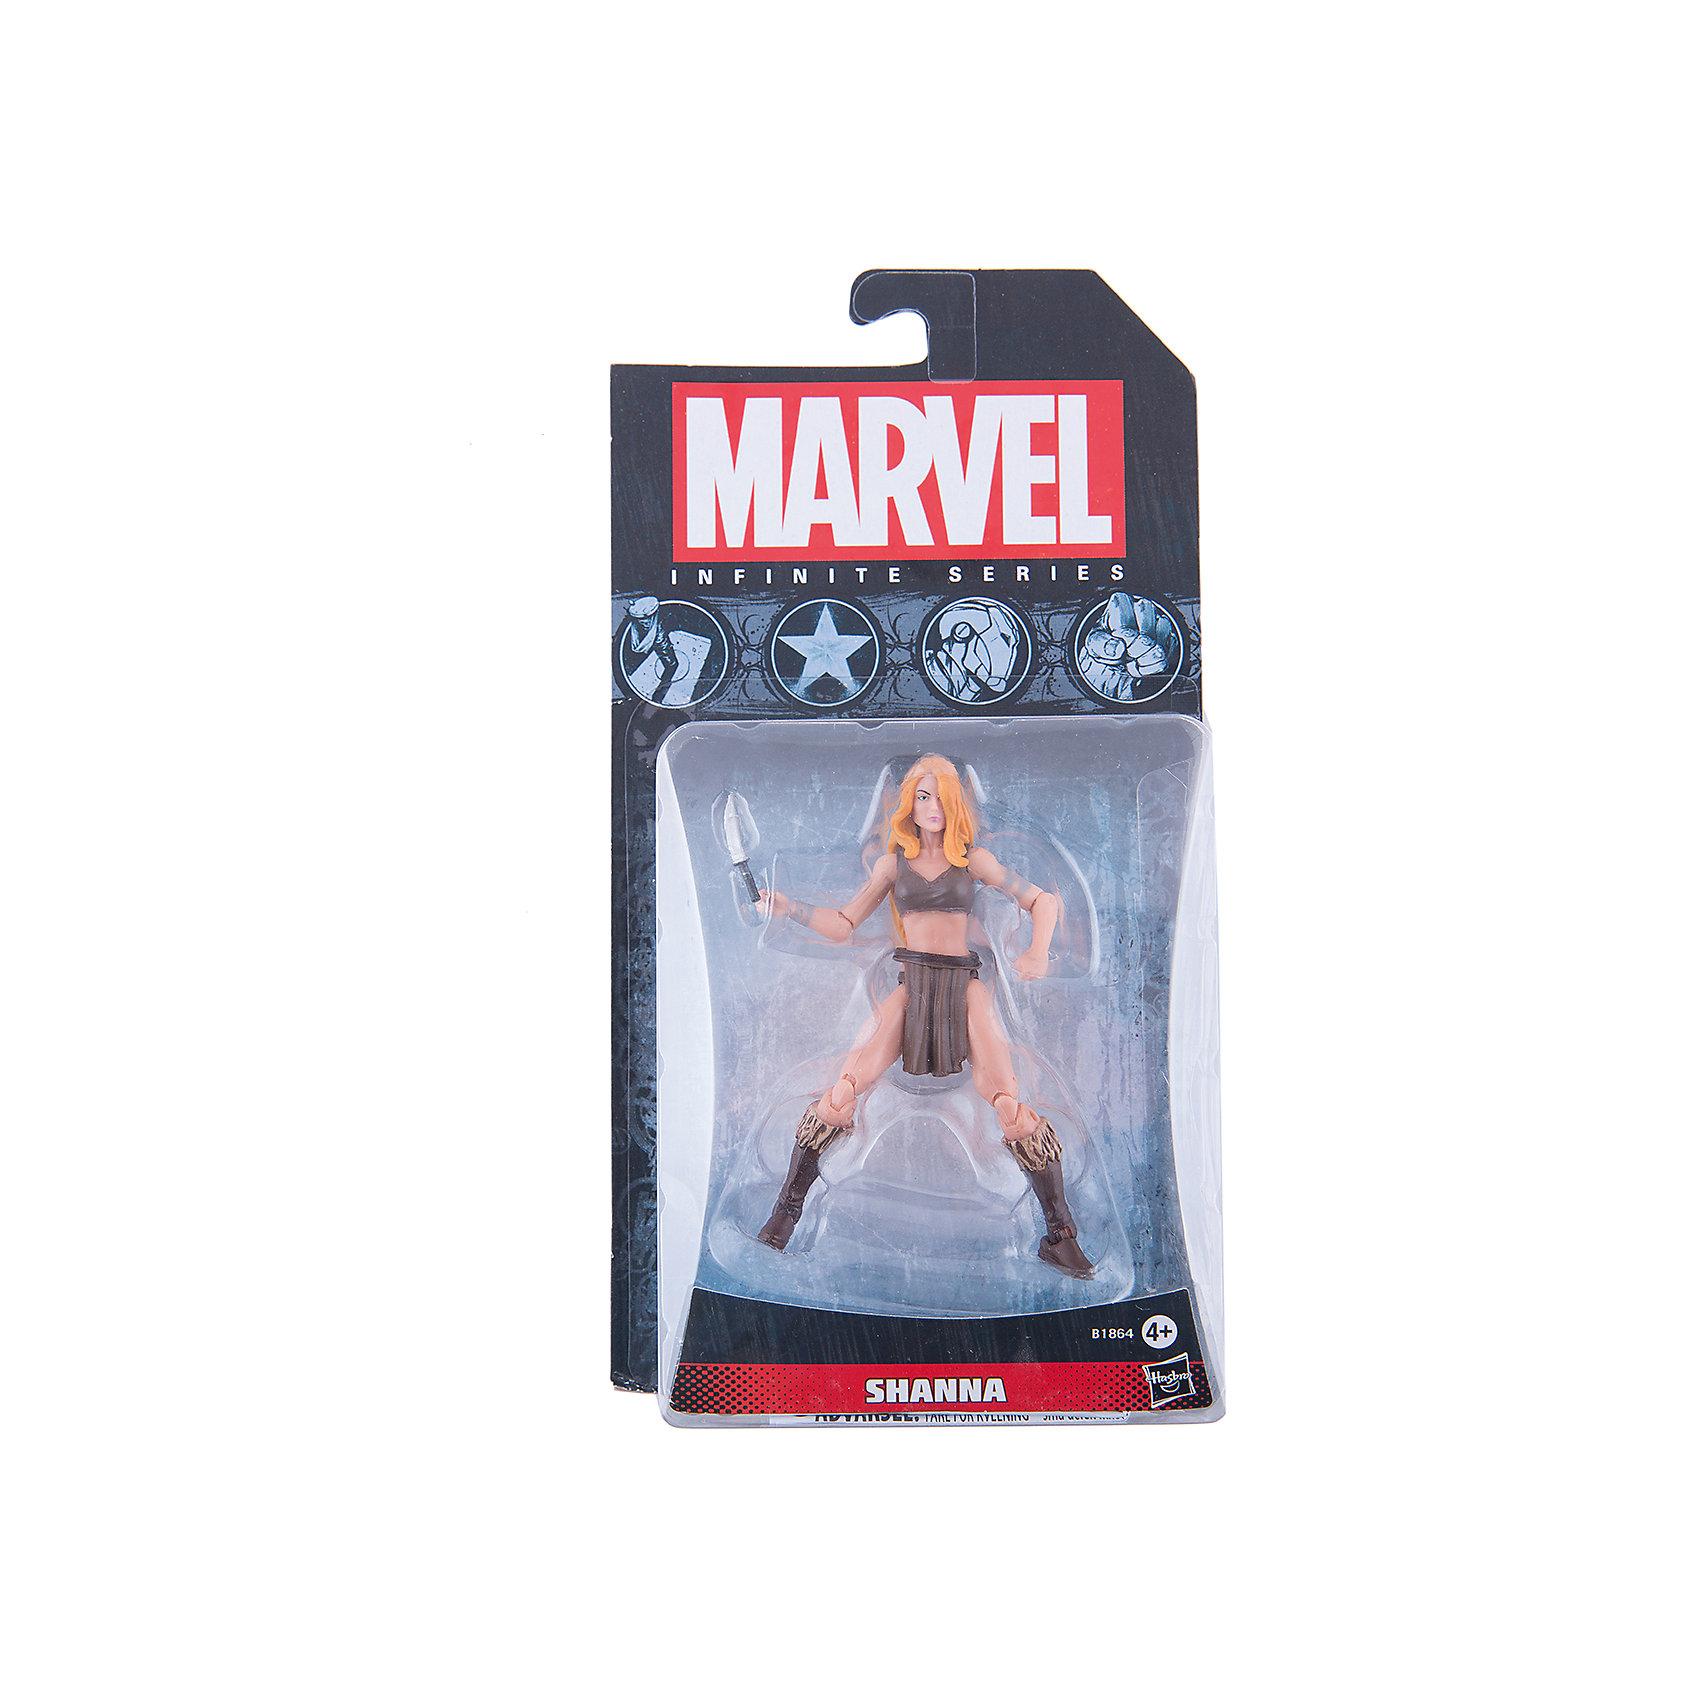 Коллекционная фигурка Марвел 9,5 см, Marvel Heroes, B1864/A6749Эта коллекционная фигурка обязательно понравится всем поклонникам Marvel. Фигурка прекрасно детализирована, обладает подвижными конечностями и щупальцами, что позволяет ей принимать разнообразные позы, открывая еще большие возможности для различных игровых сюжетов. Игрушка изготовлена из высококачественного пластика, с применением безопасных, экологичных красителей. <br><br>Дополнительная информация:<br><br>- Материал: пластик.<br>- Размер фигурки: 9,5 см.<br>- Подвижные конечности.<br><br>Коллекционную фигурку Марвел 9,5 см, Marvel Heroes, можно купить в нашем магазине.<br><br>Ширина мм: 51<br>Глубина мм: 121<br>Высота мм: 229<br>Вес г: 150<br>Возраст от месяцев: 48<br>Возраст до месяцев: 192<br>Пол: Мужской<br>Возраст: Детский<br>SKU: 4563959